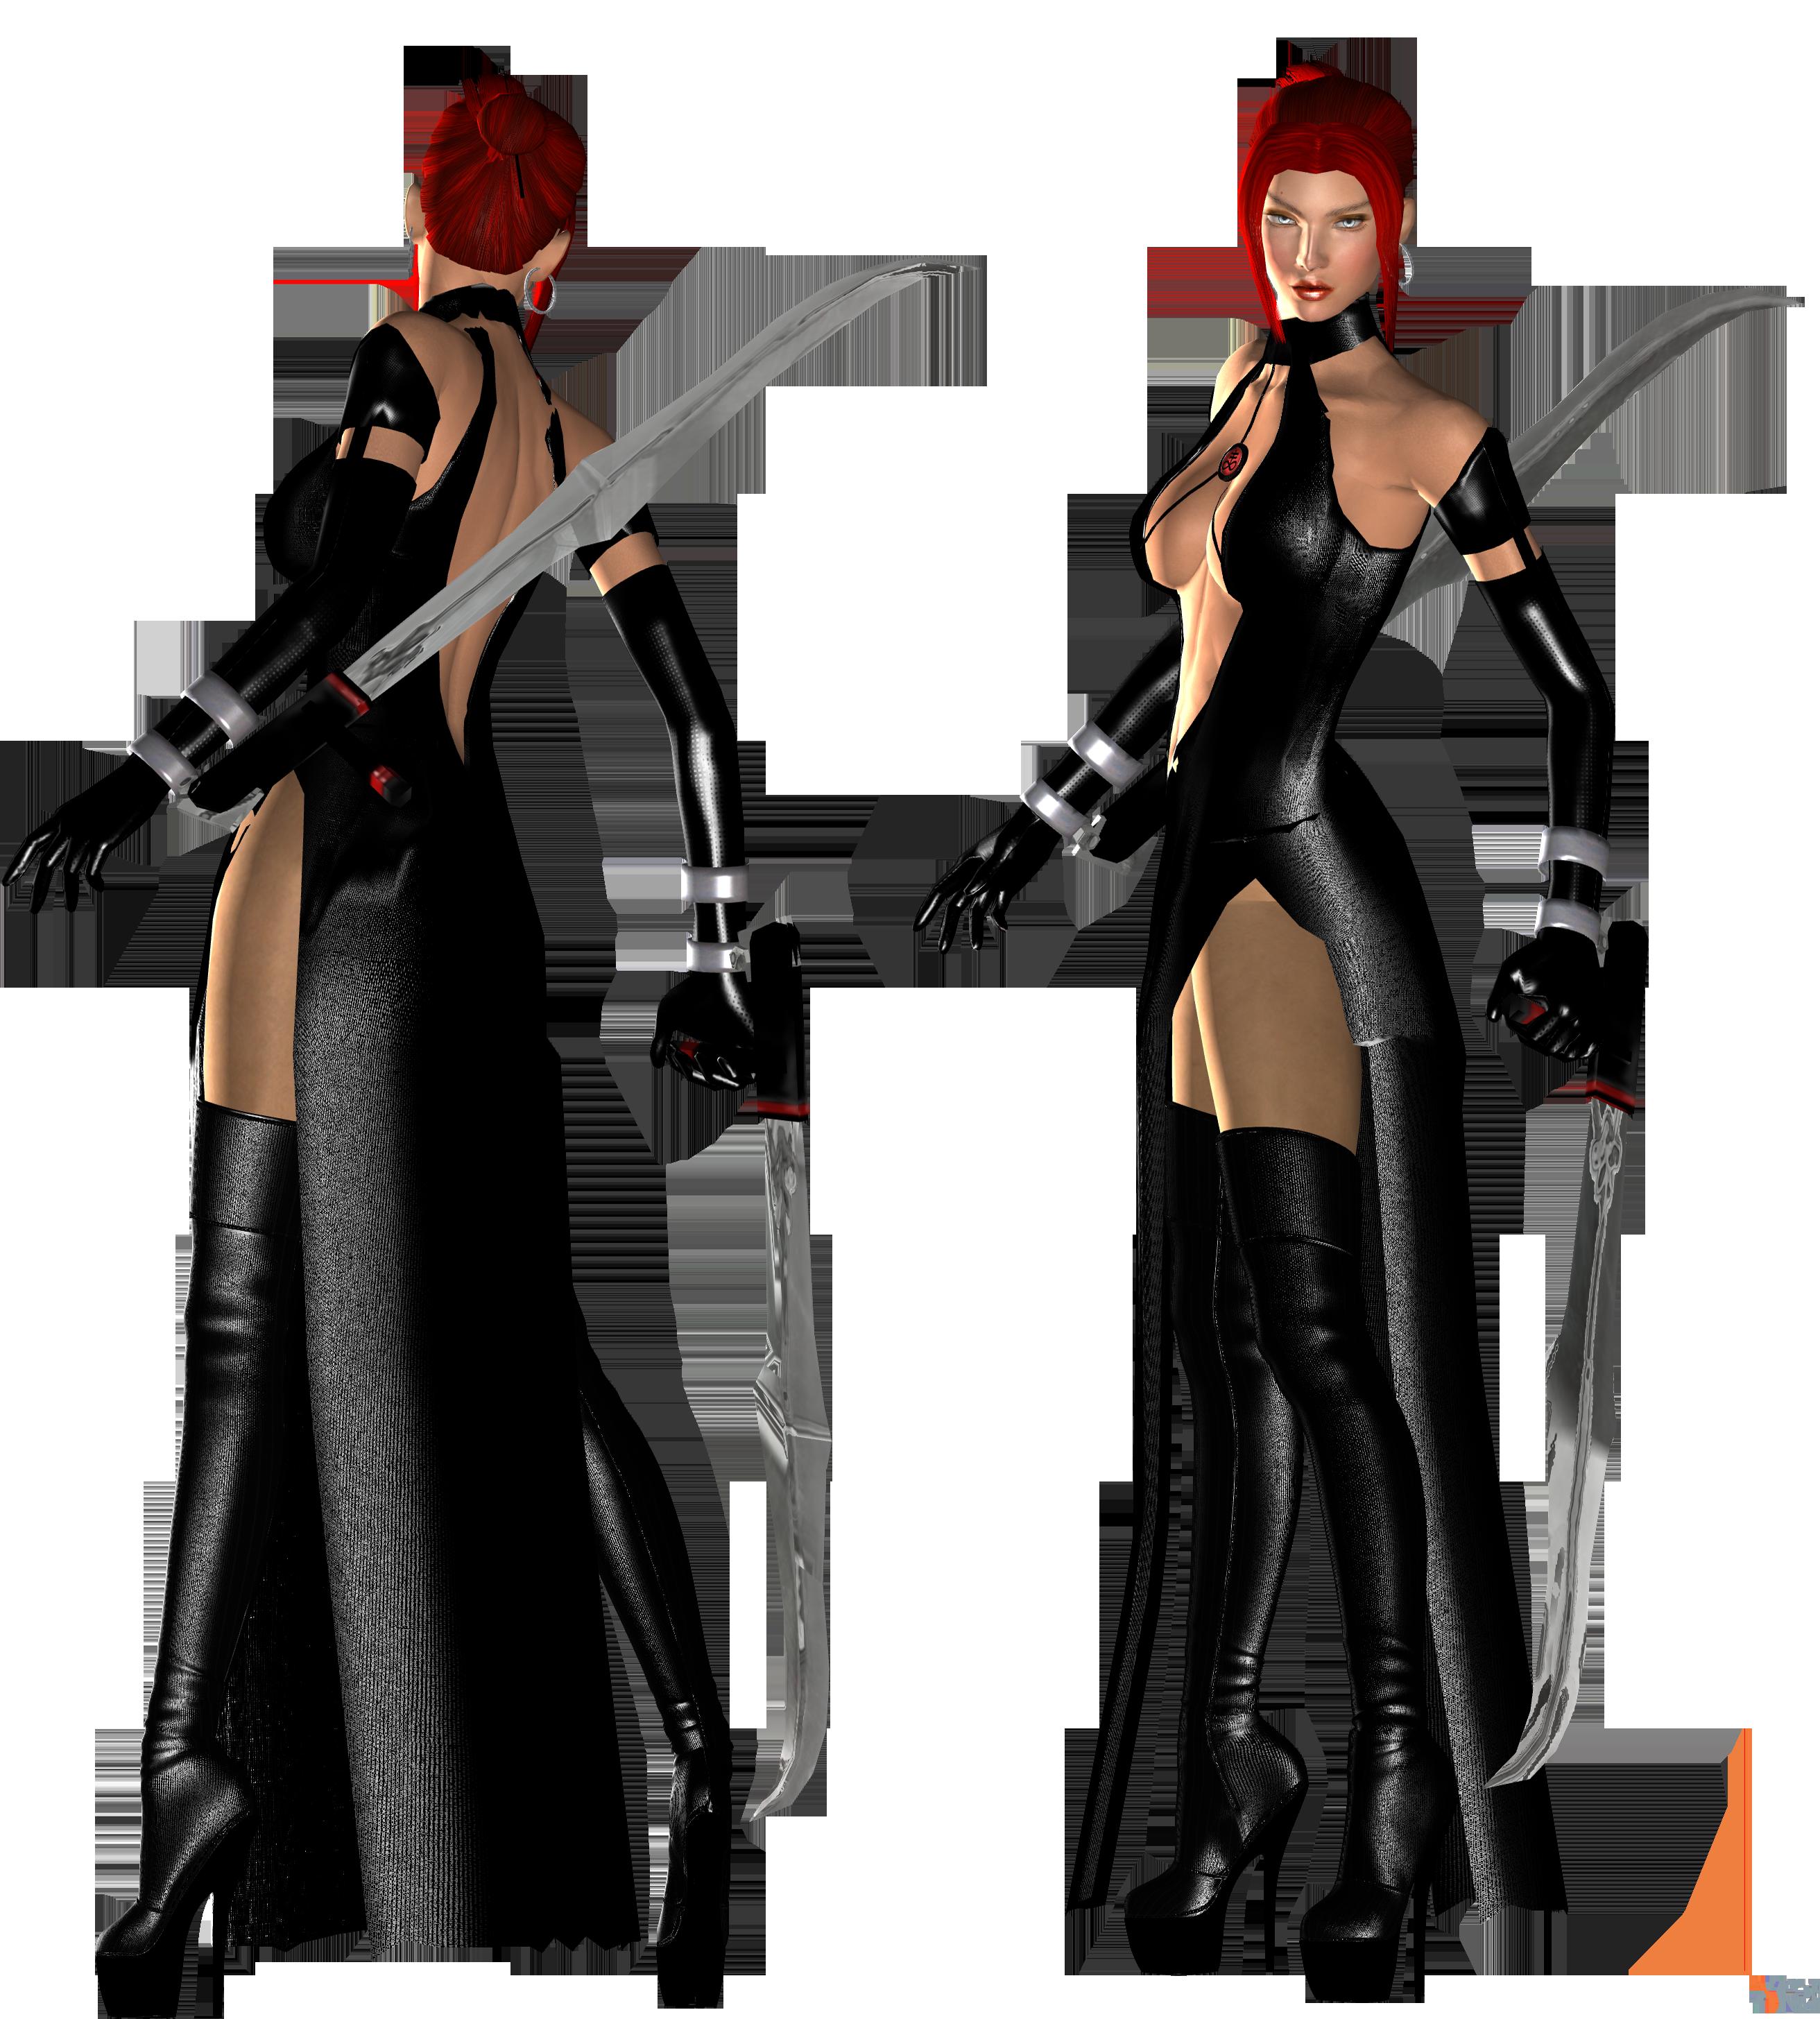 Bloodrayne 2 mods porn photos